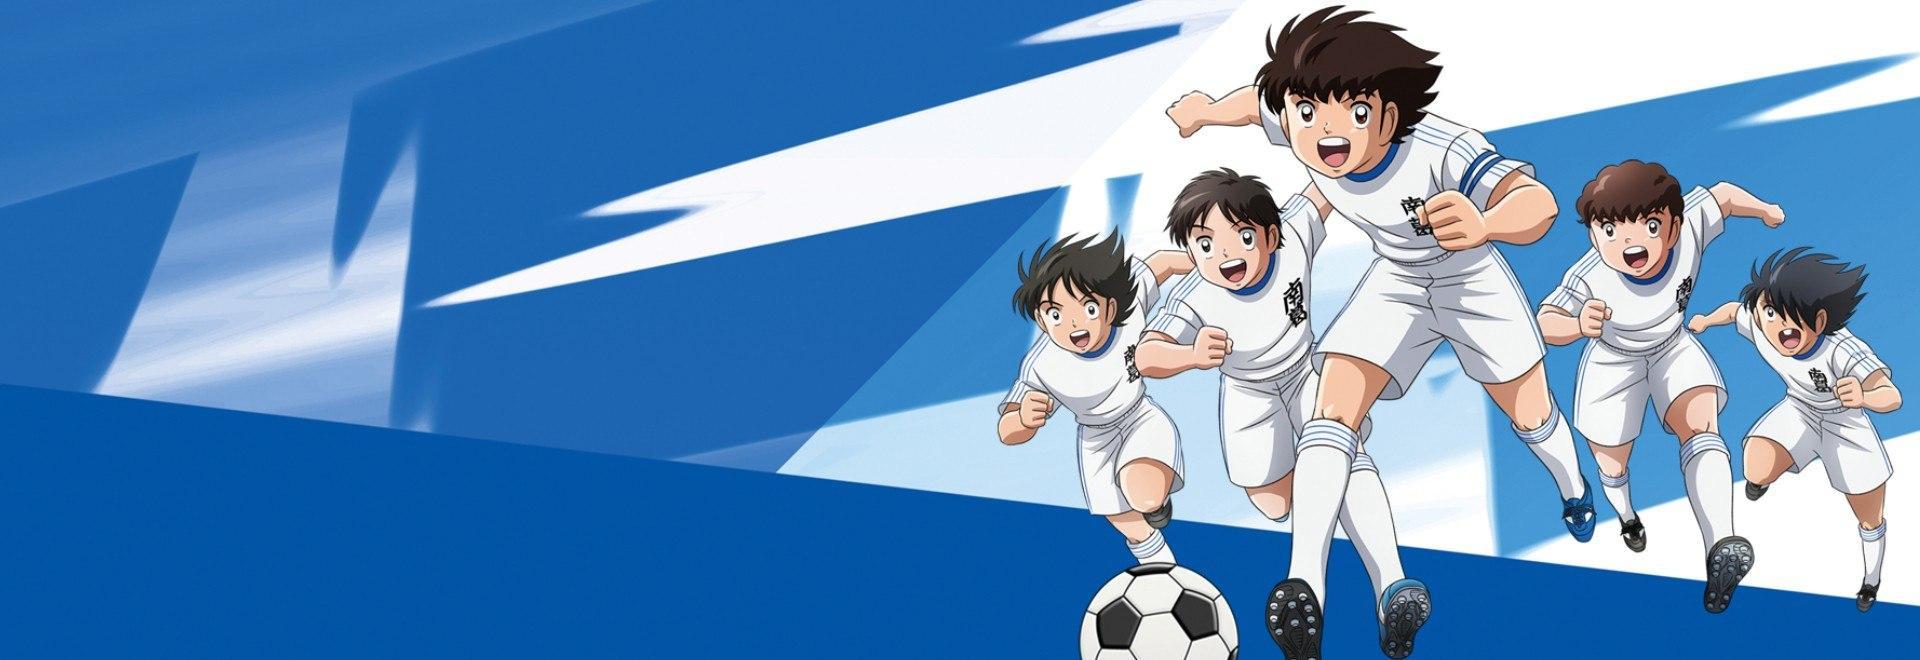 Calcio d'inizio! Nankatsu Vs Shutetsu